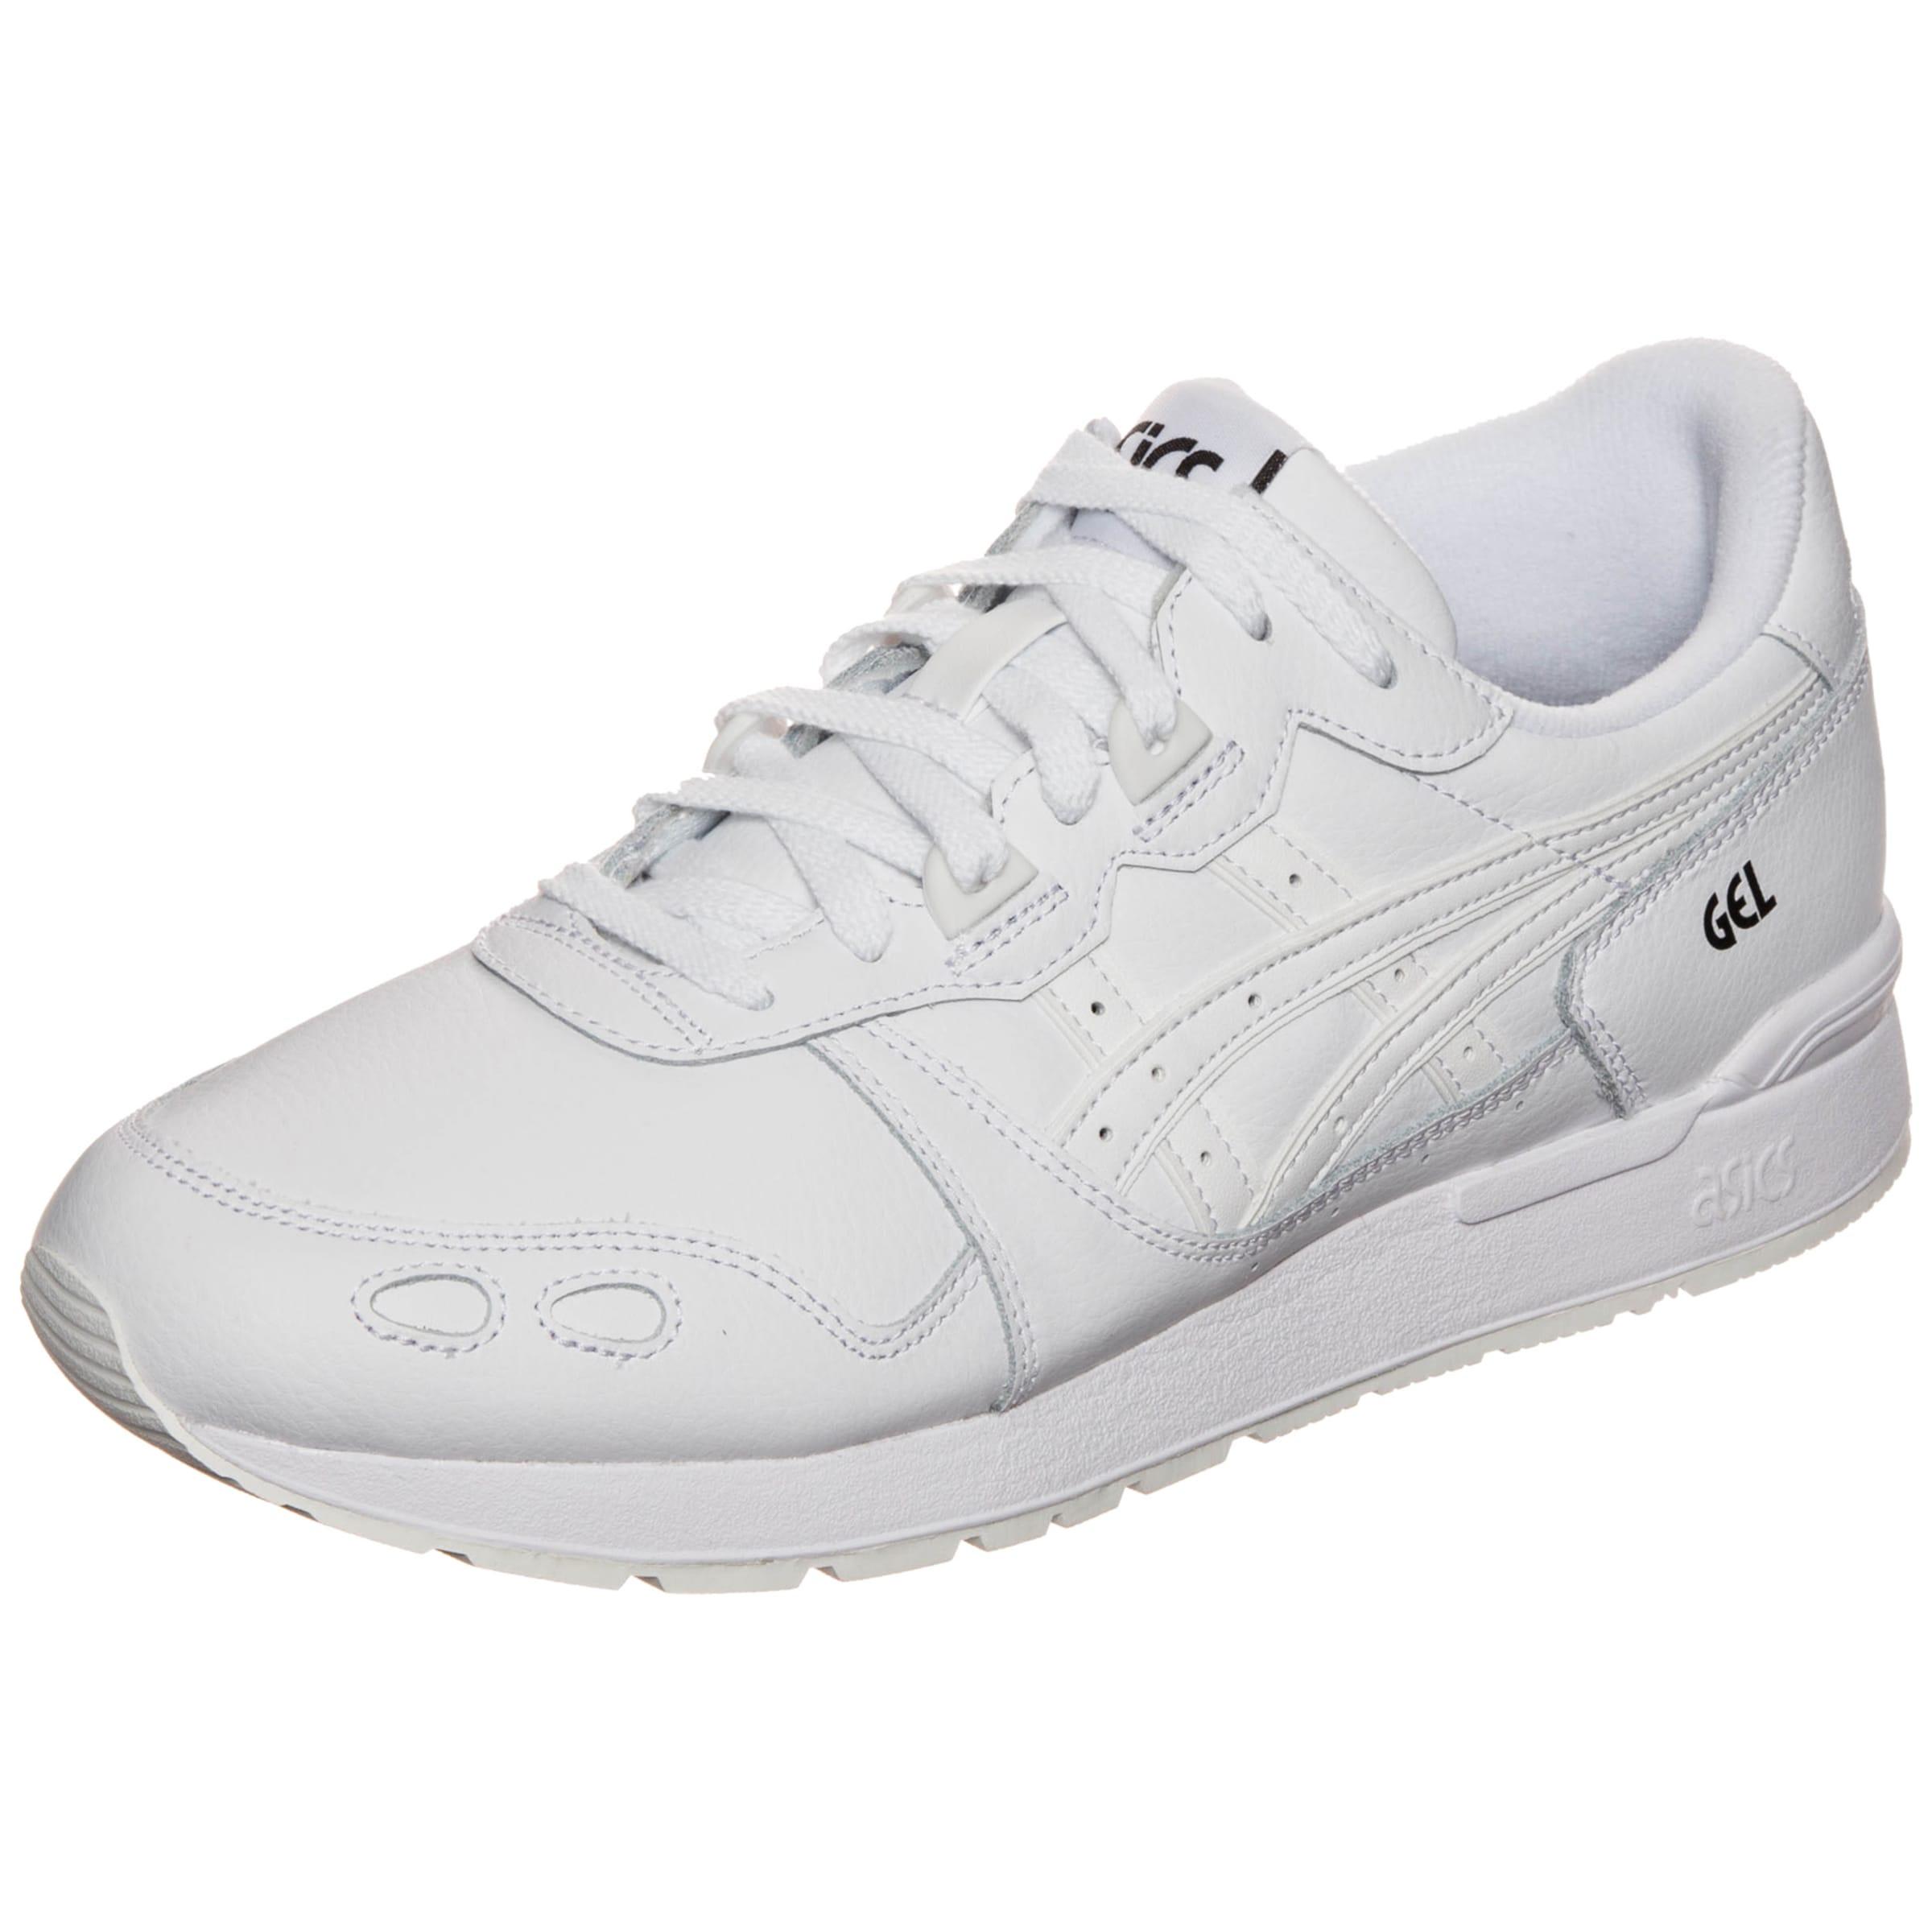 Weiß Asics 'gel In lyte' Tiger Sneaker 80wmNn